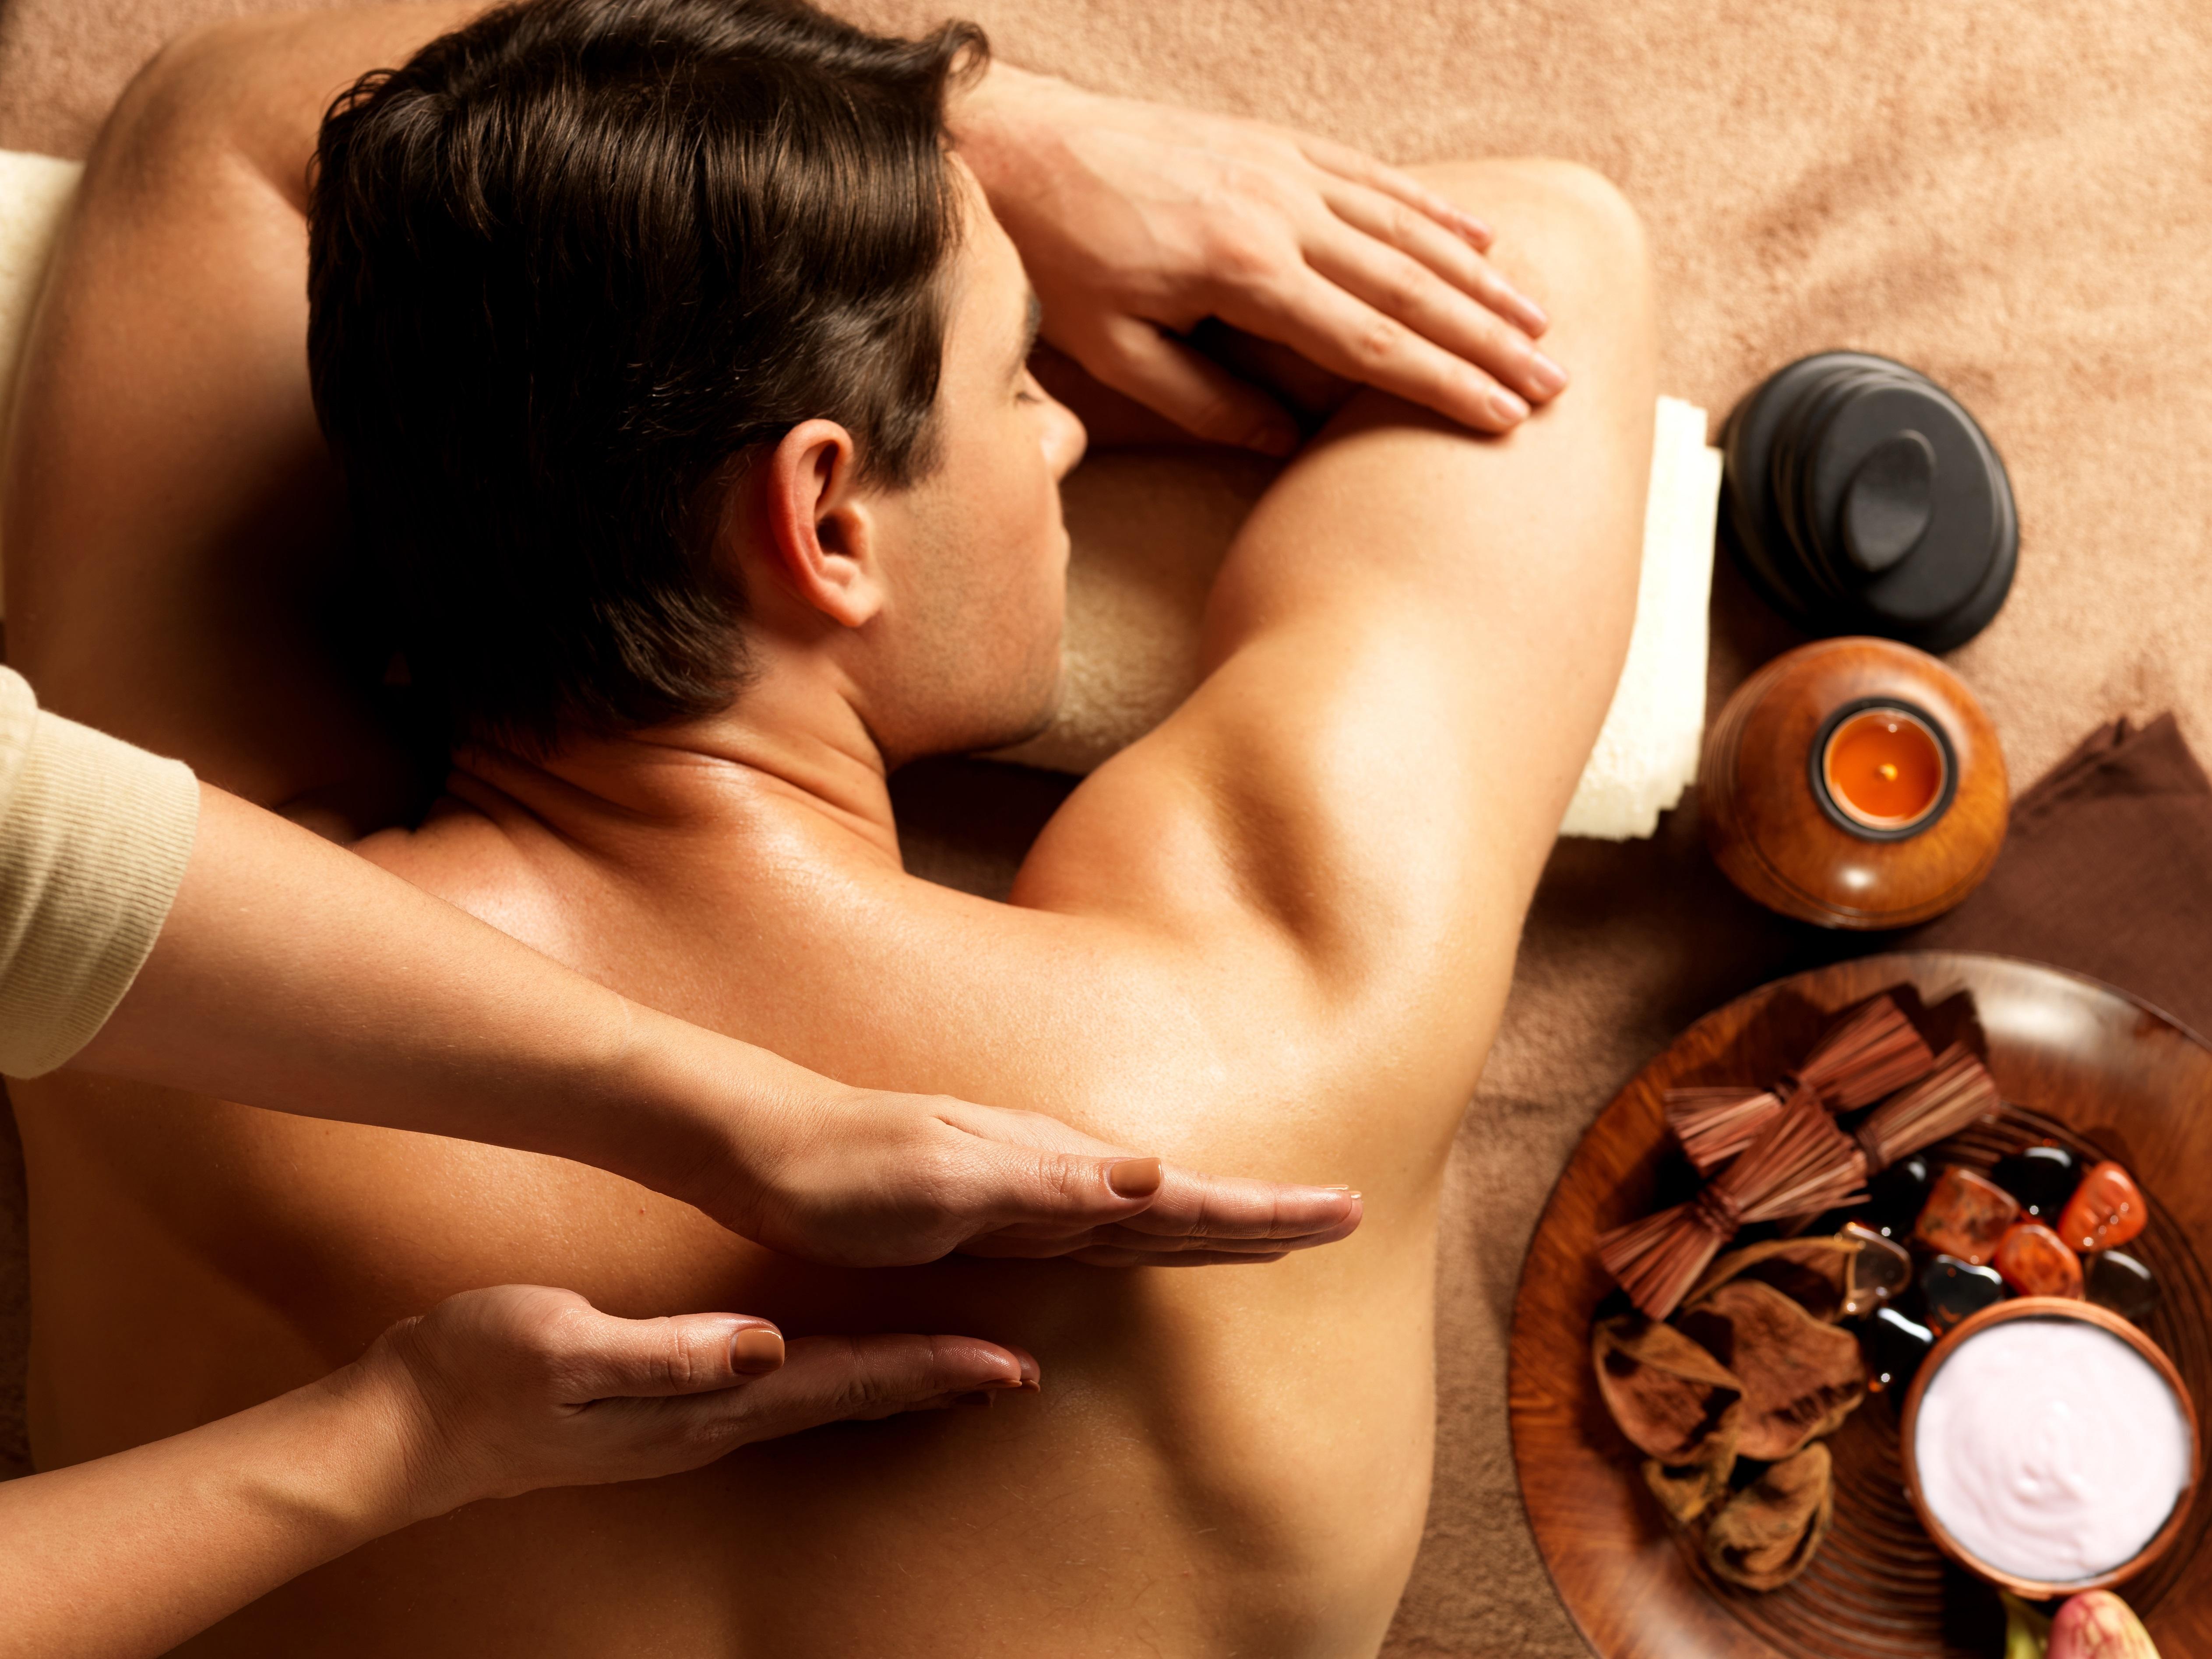 Как сделать мужчине приятно в постели языком и руками 4